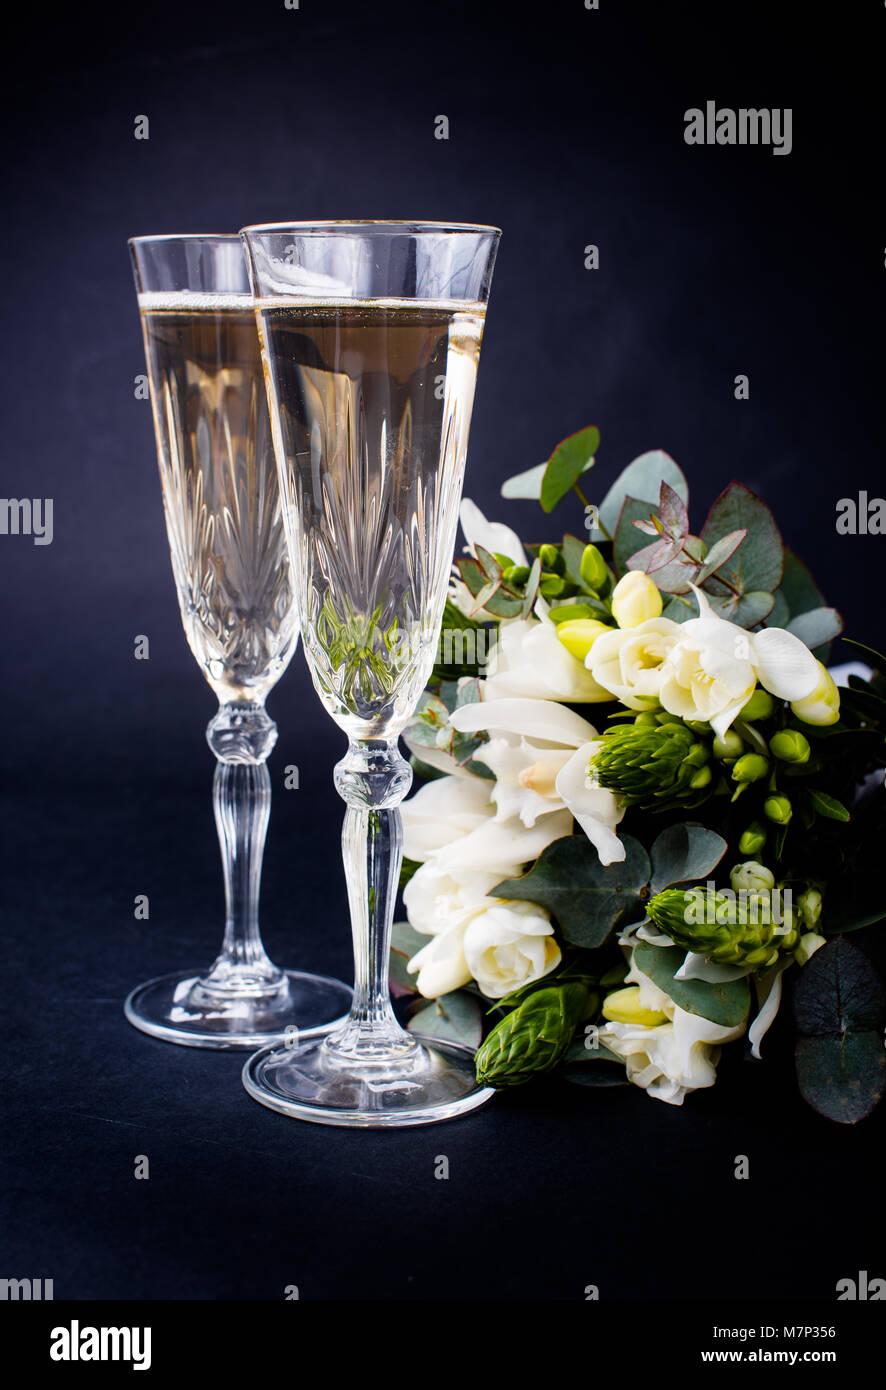 Mazzo Di Fiori E Spumante.Due Bicchieri Di Champagne E Un Mazzo Di Fiori Bianchi Foto